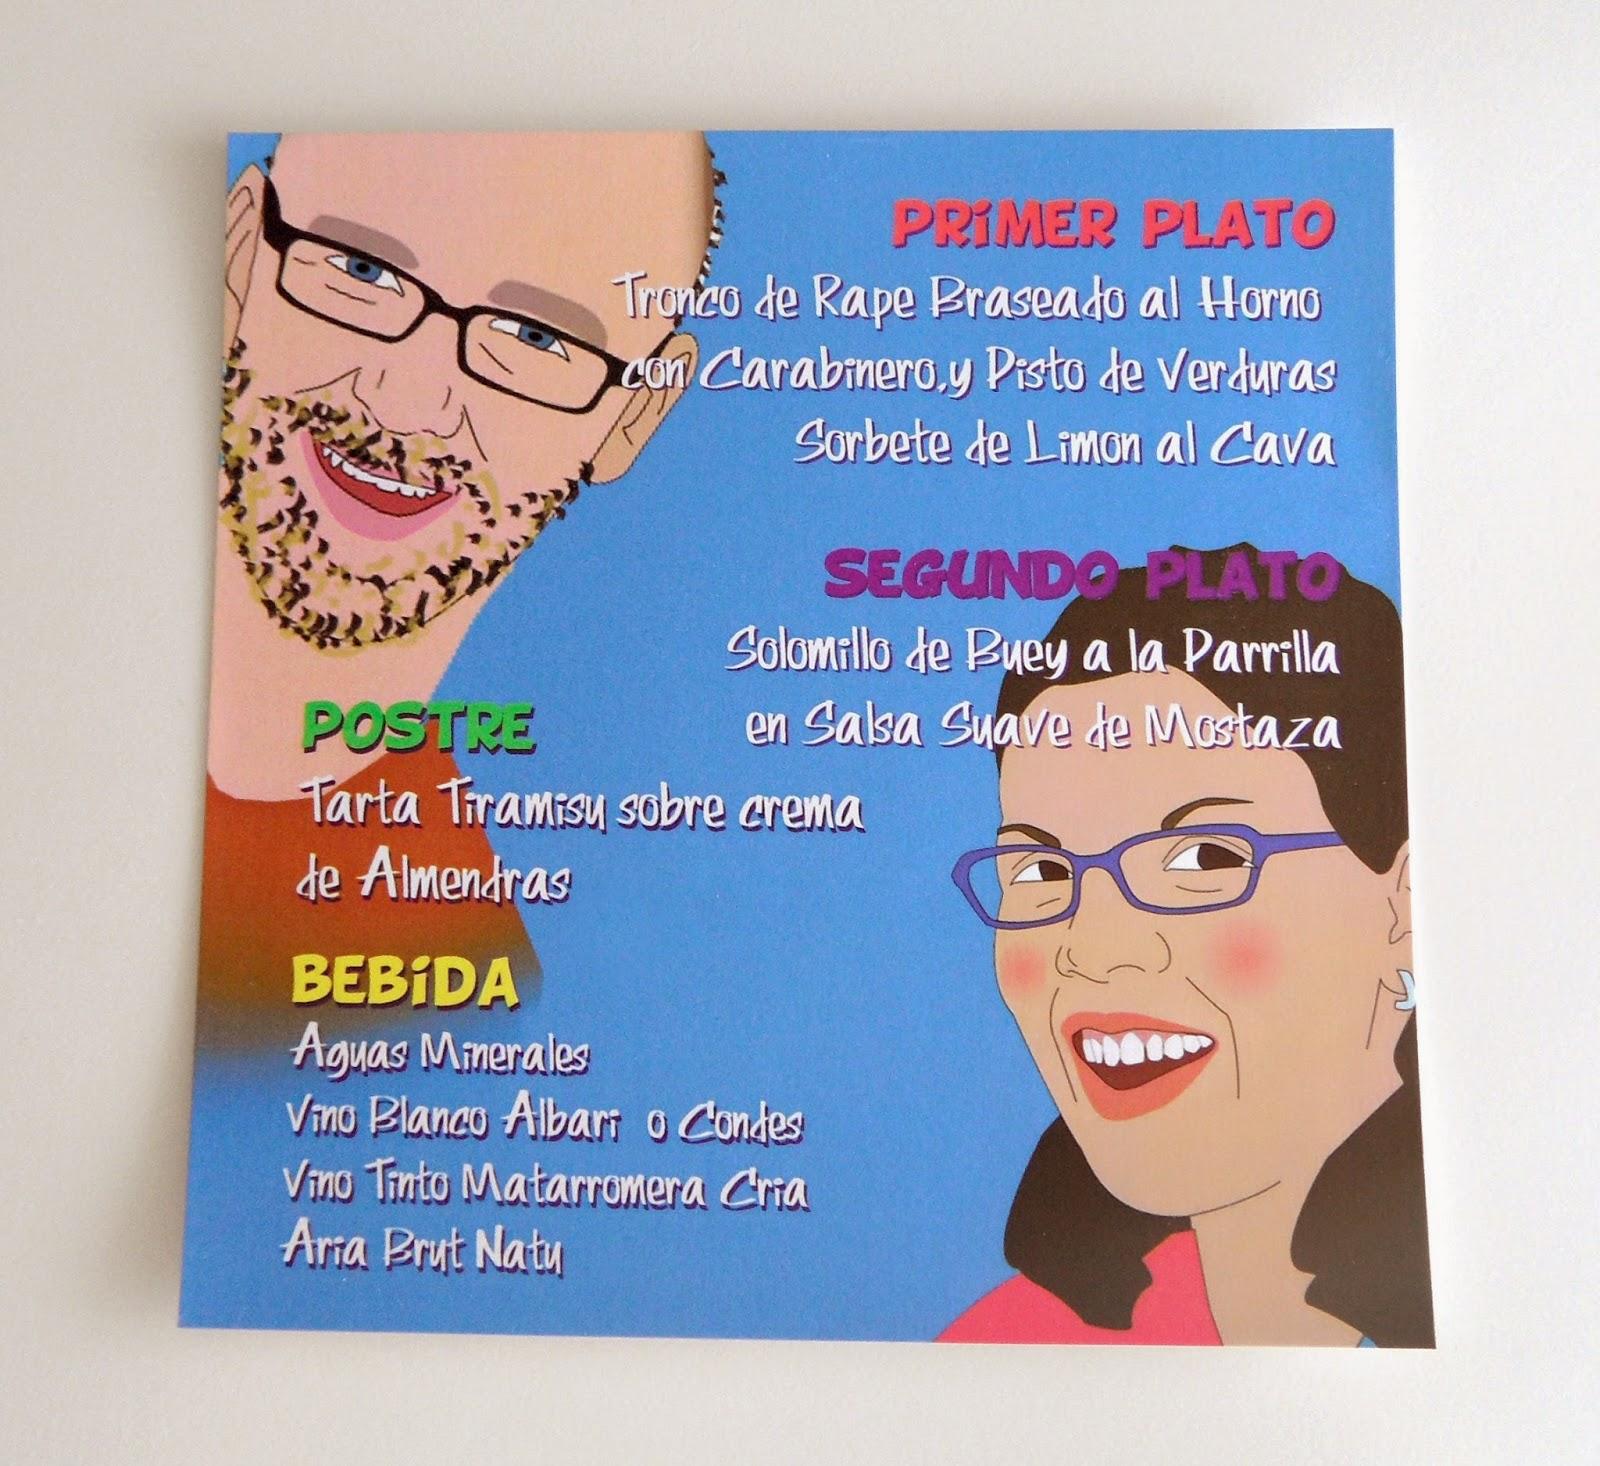 www.nlldiseno.es